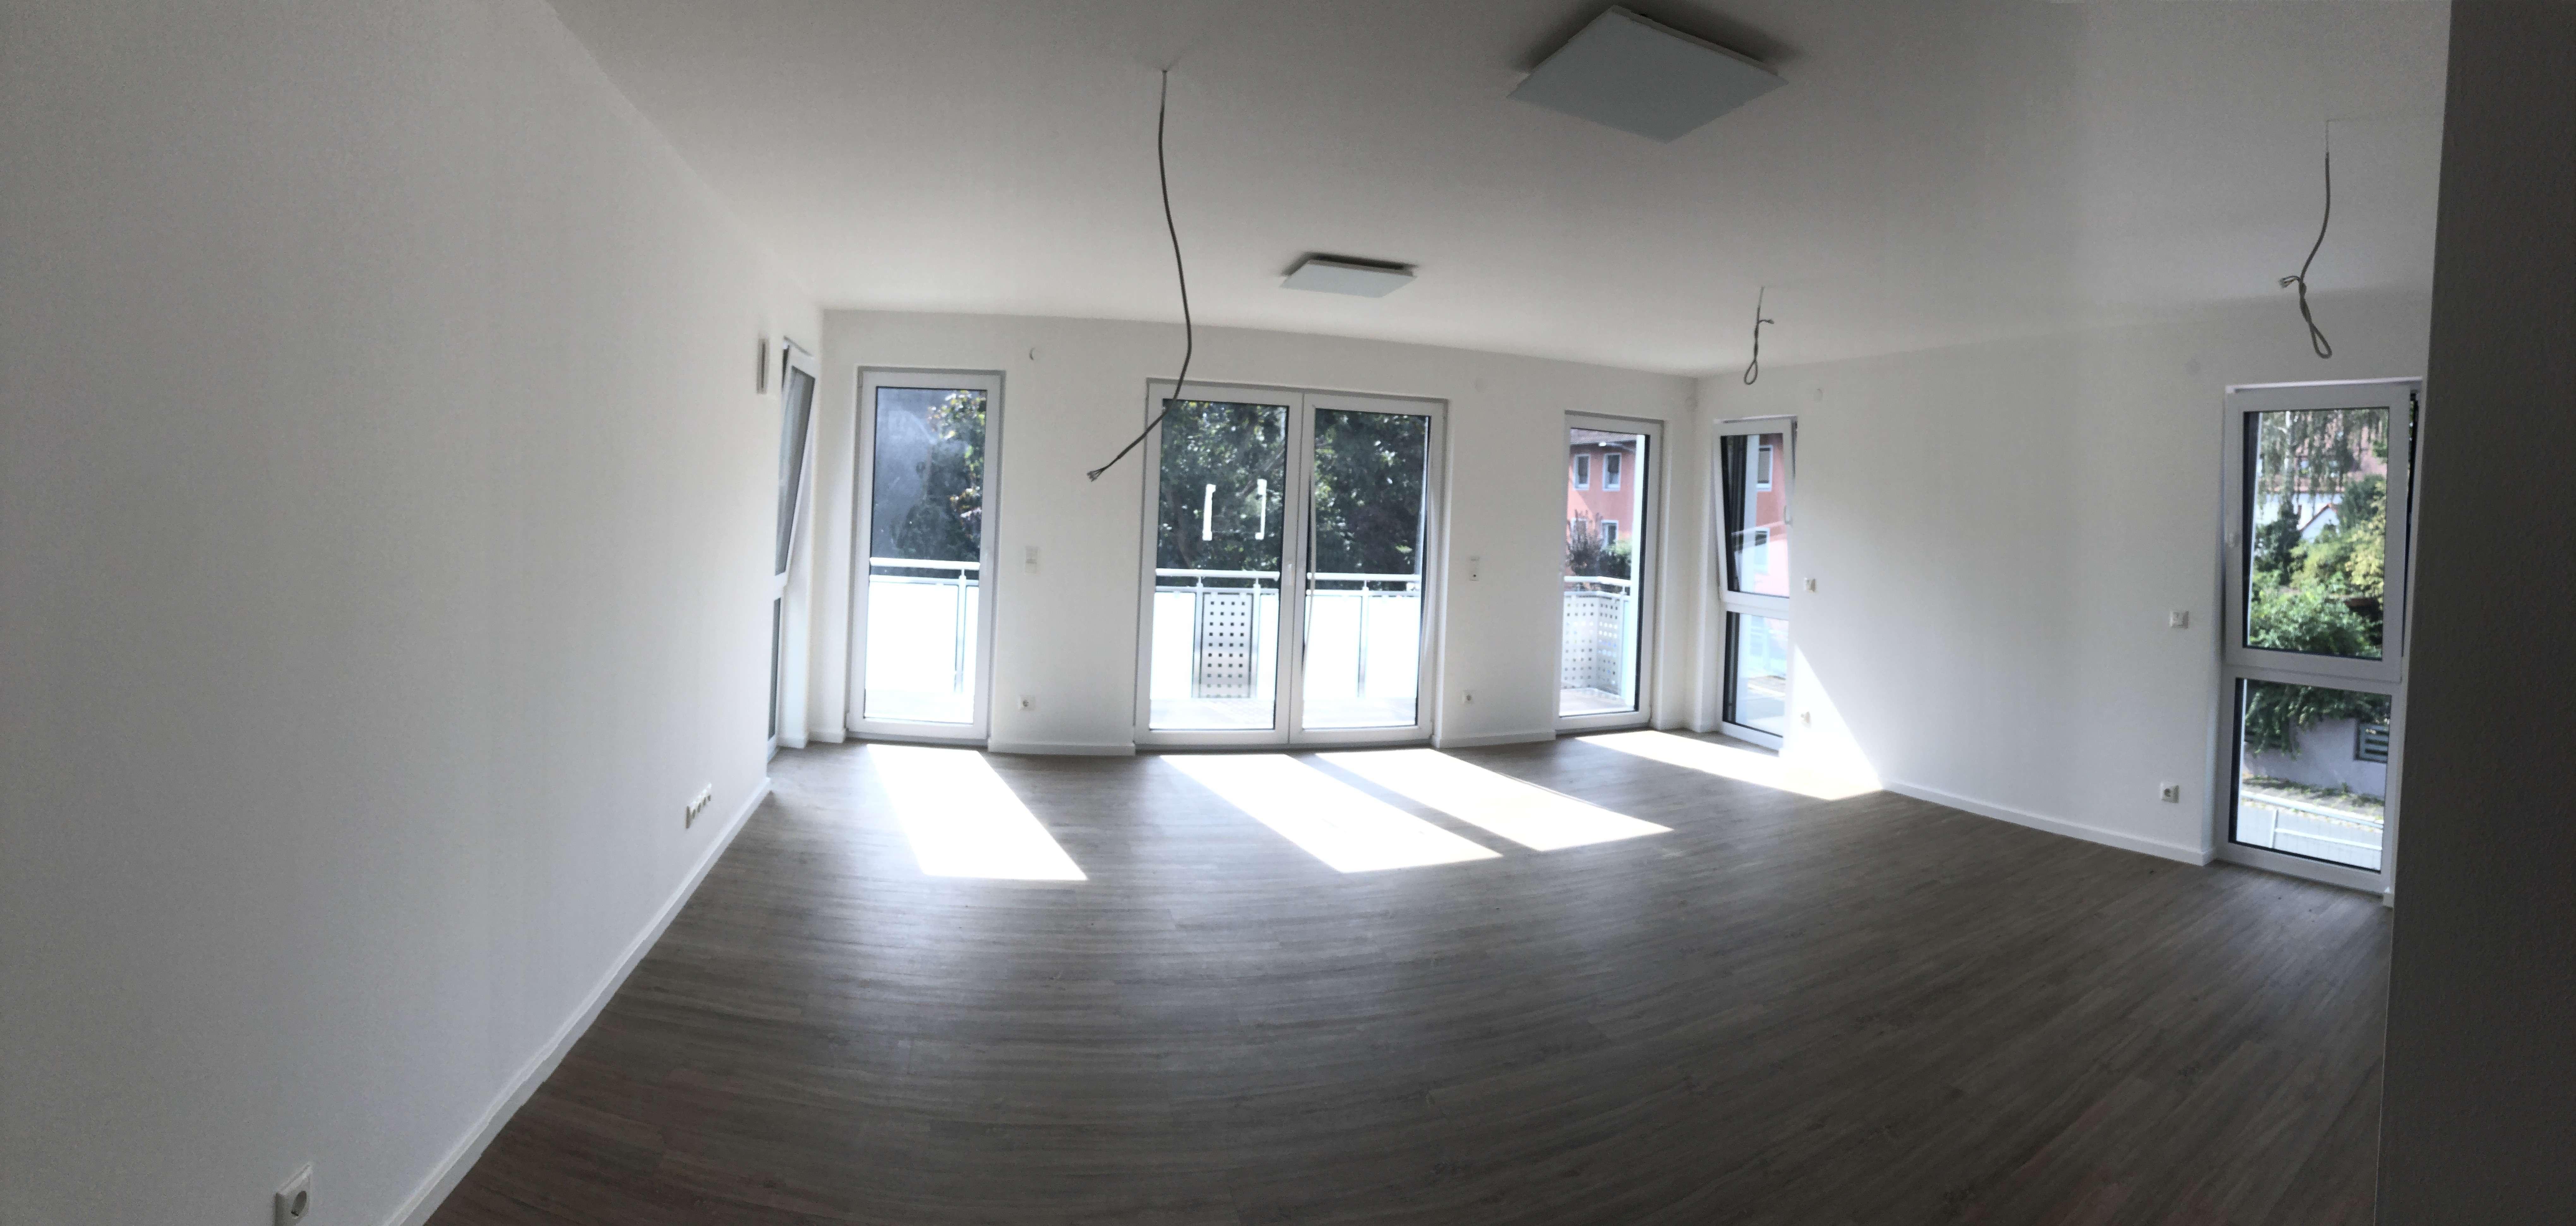 Erstbezug: zwei 4-Zimmer-Wohnungen (EG 110m² mit Terrasse, 1. OG 105m² mit Balkon) in